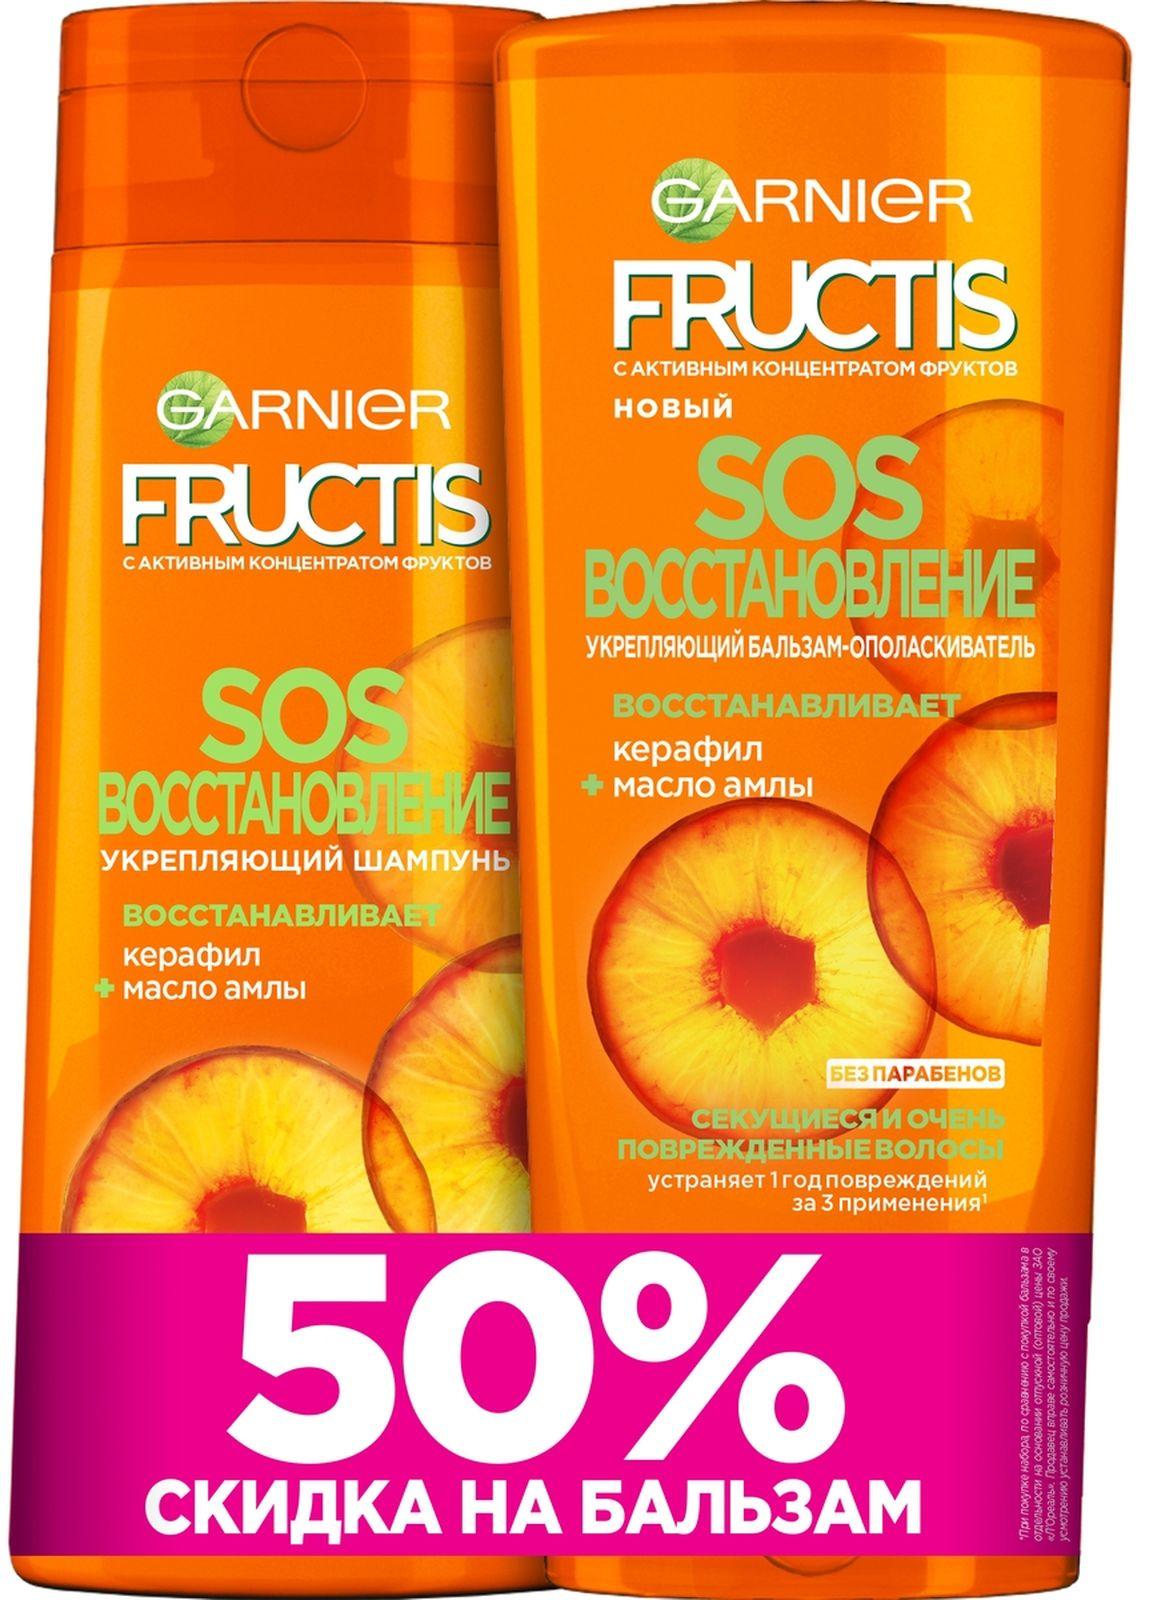 Шампунь Garnier Fructis SOS Восстановление, укрепляющий, для секущихся и очень поврежденных волос, с Керафилом и Маслом Амлы, 250 мл + бальзам-ополаскиватель, 200 мл Garnier